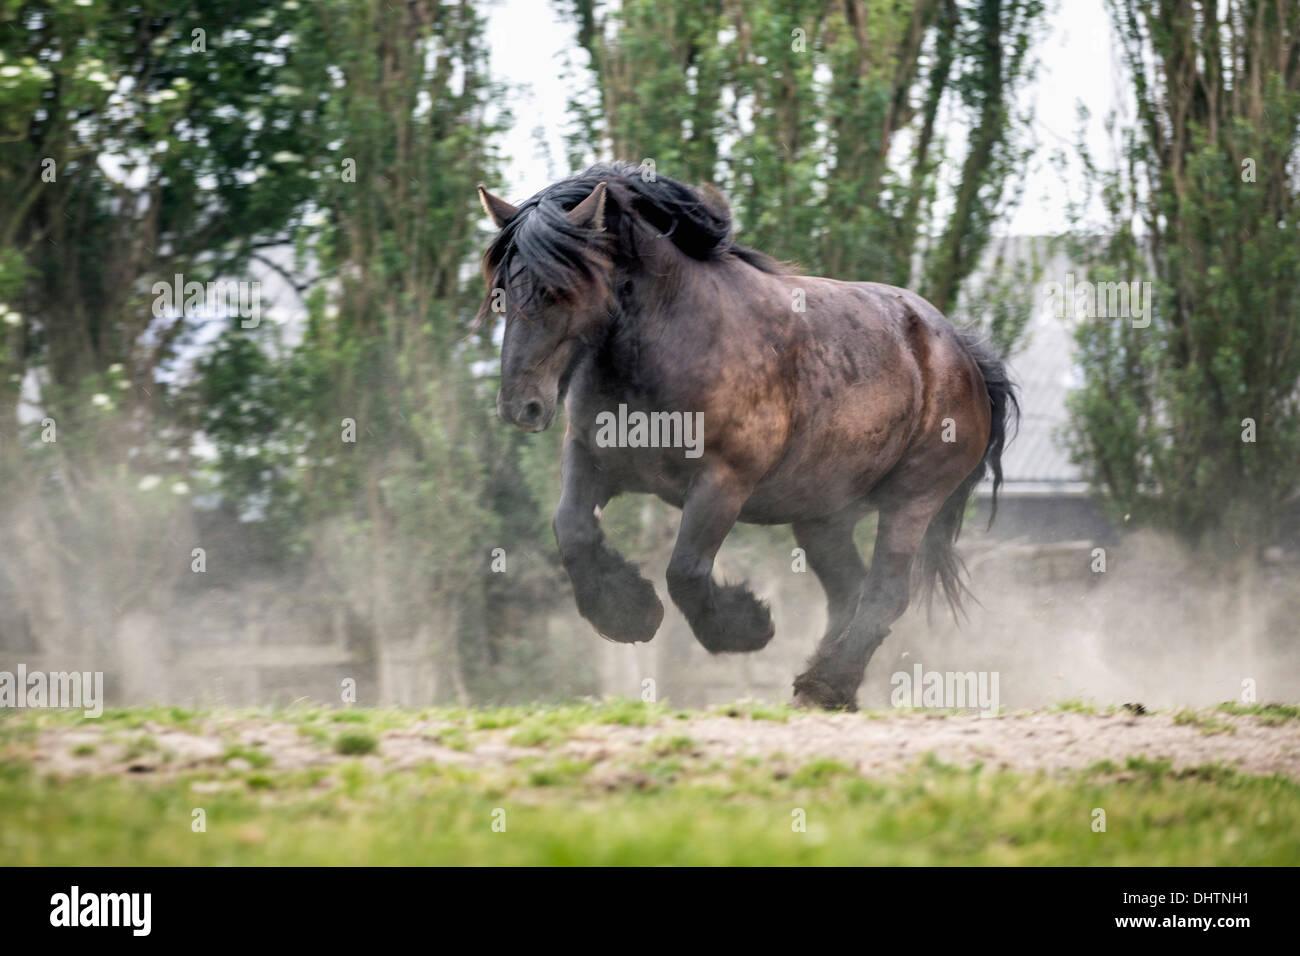 Netherlands, Noordbeemster, Beemster Polder, UNESCO World Heritage Site. Belgian or Zeeland draft horse rears up. - Stock Image